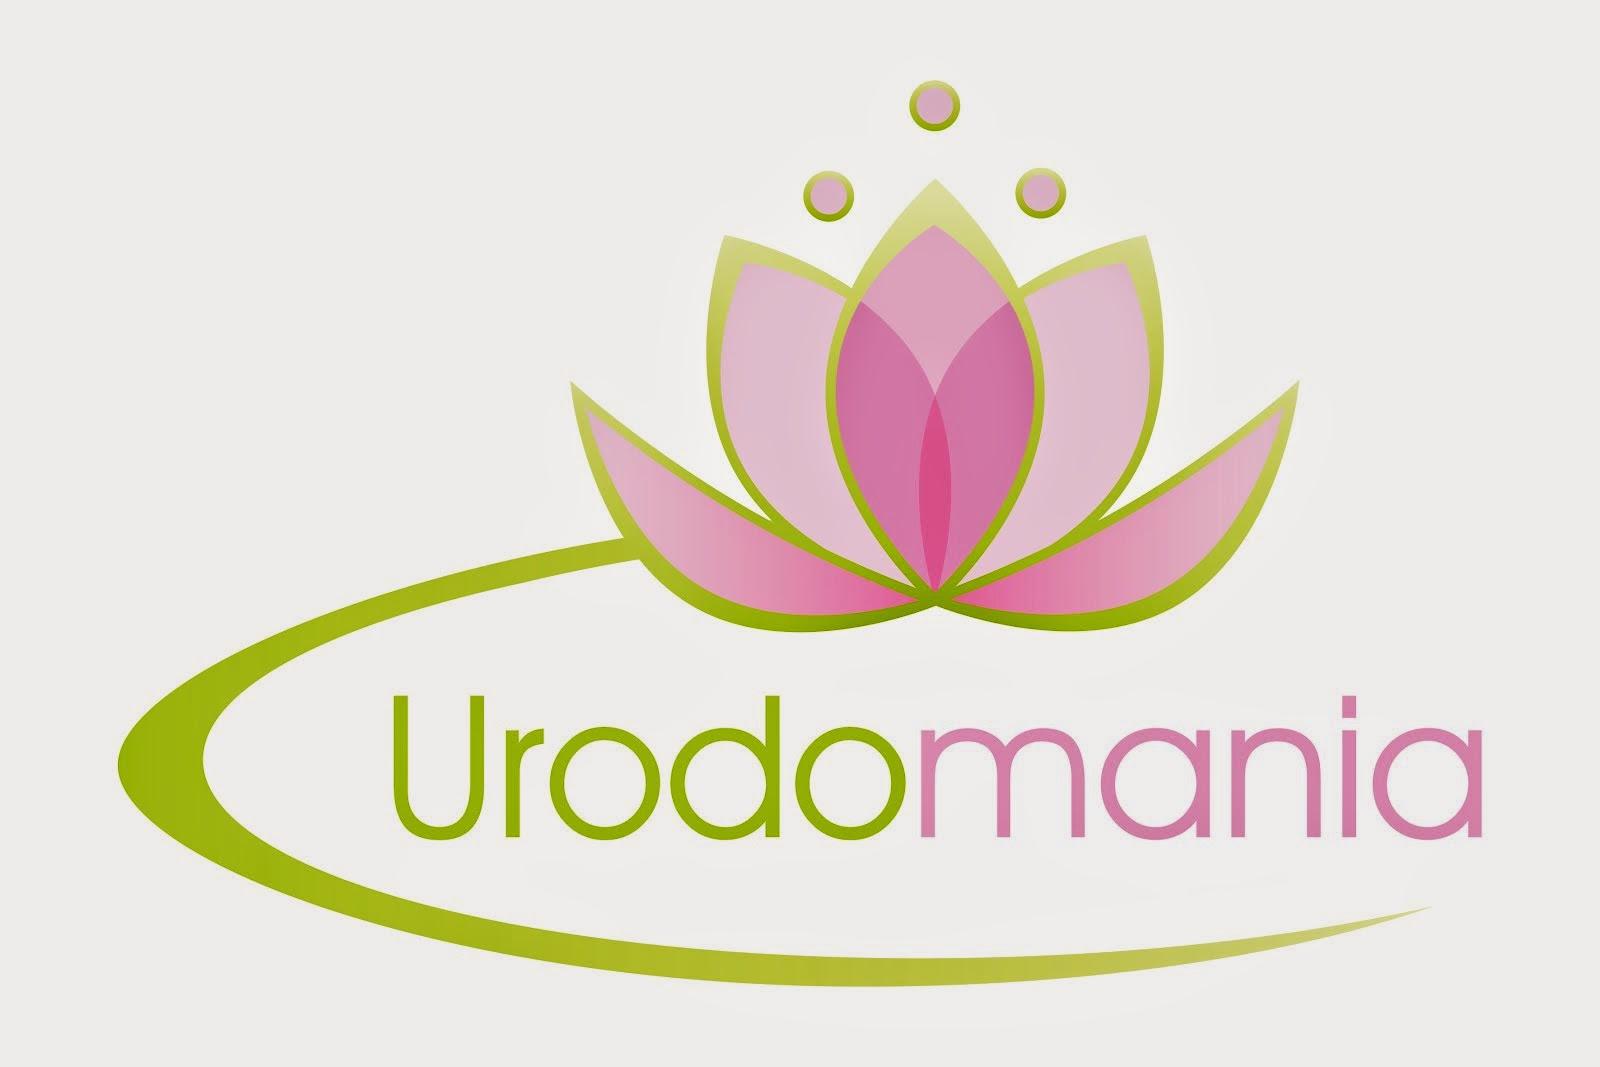 urodomania.com